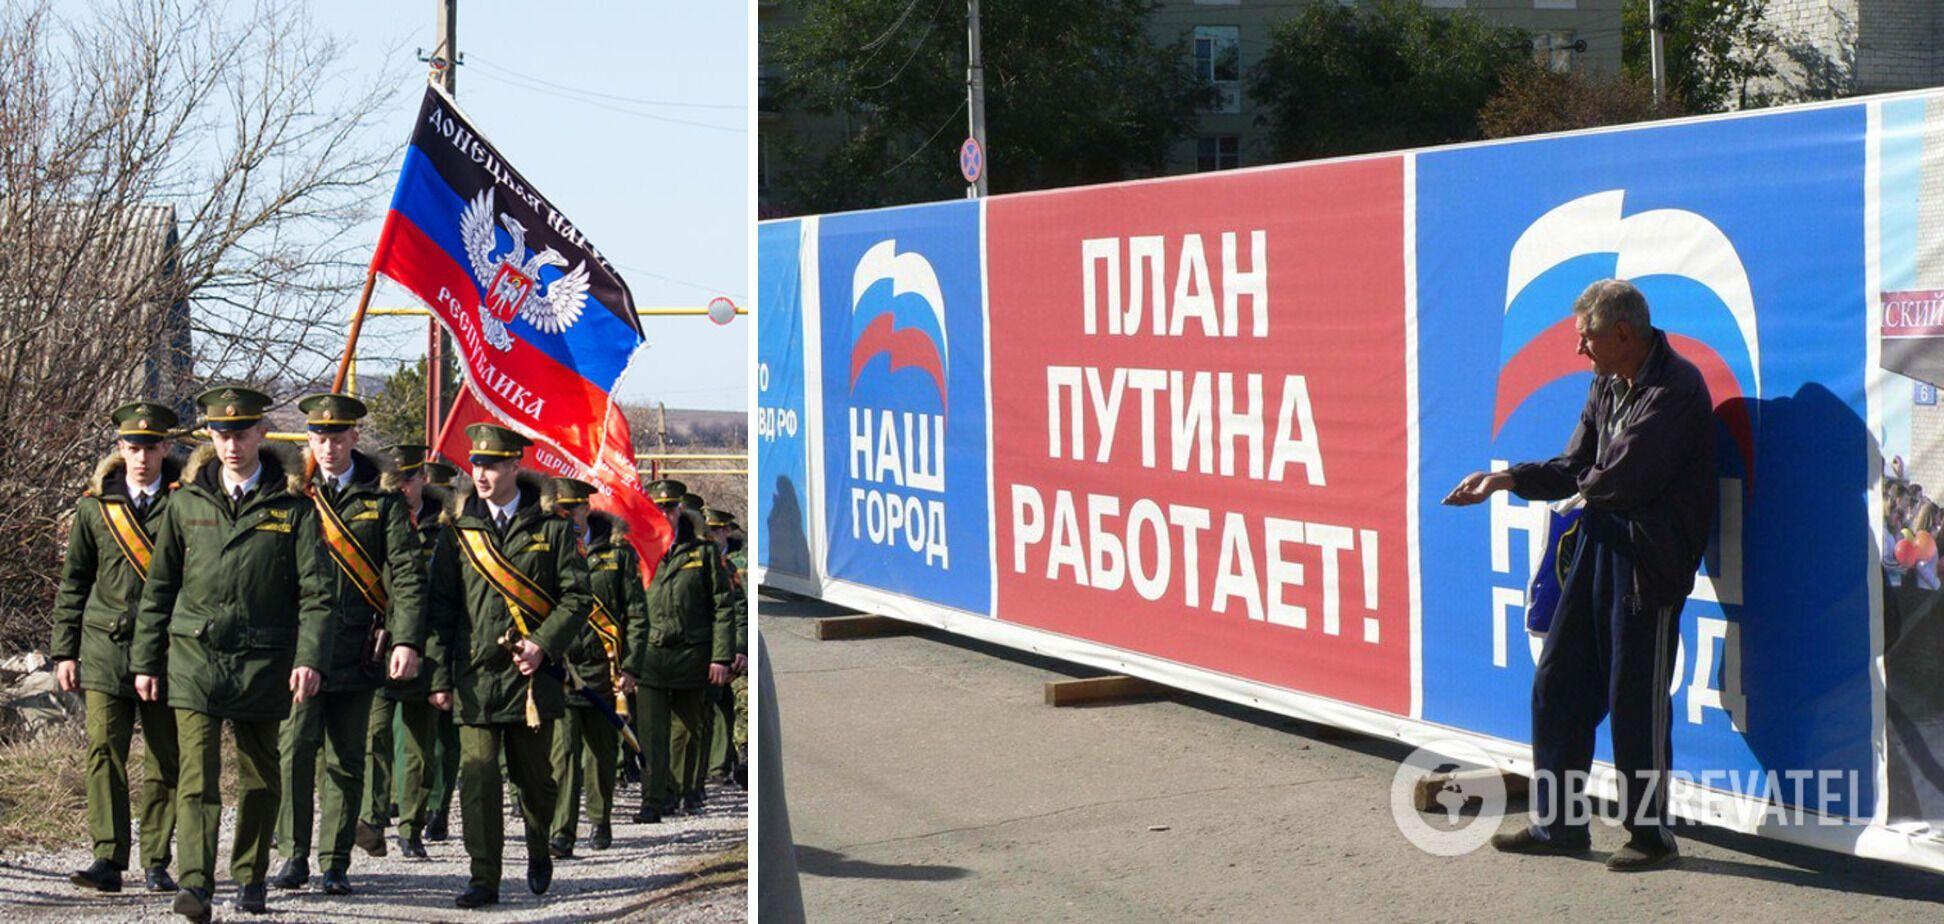 Кто же на самом деле геноцидит 'русских'?